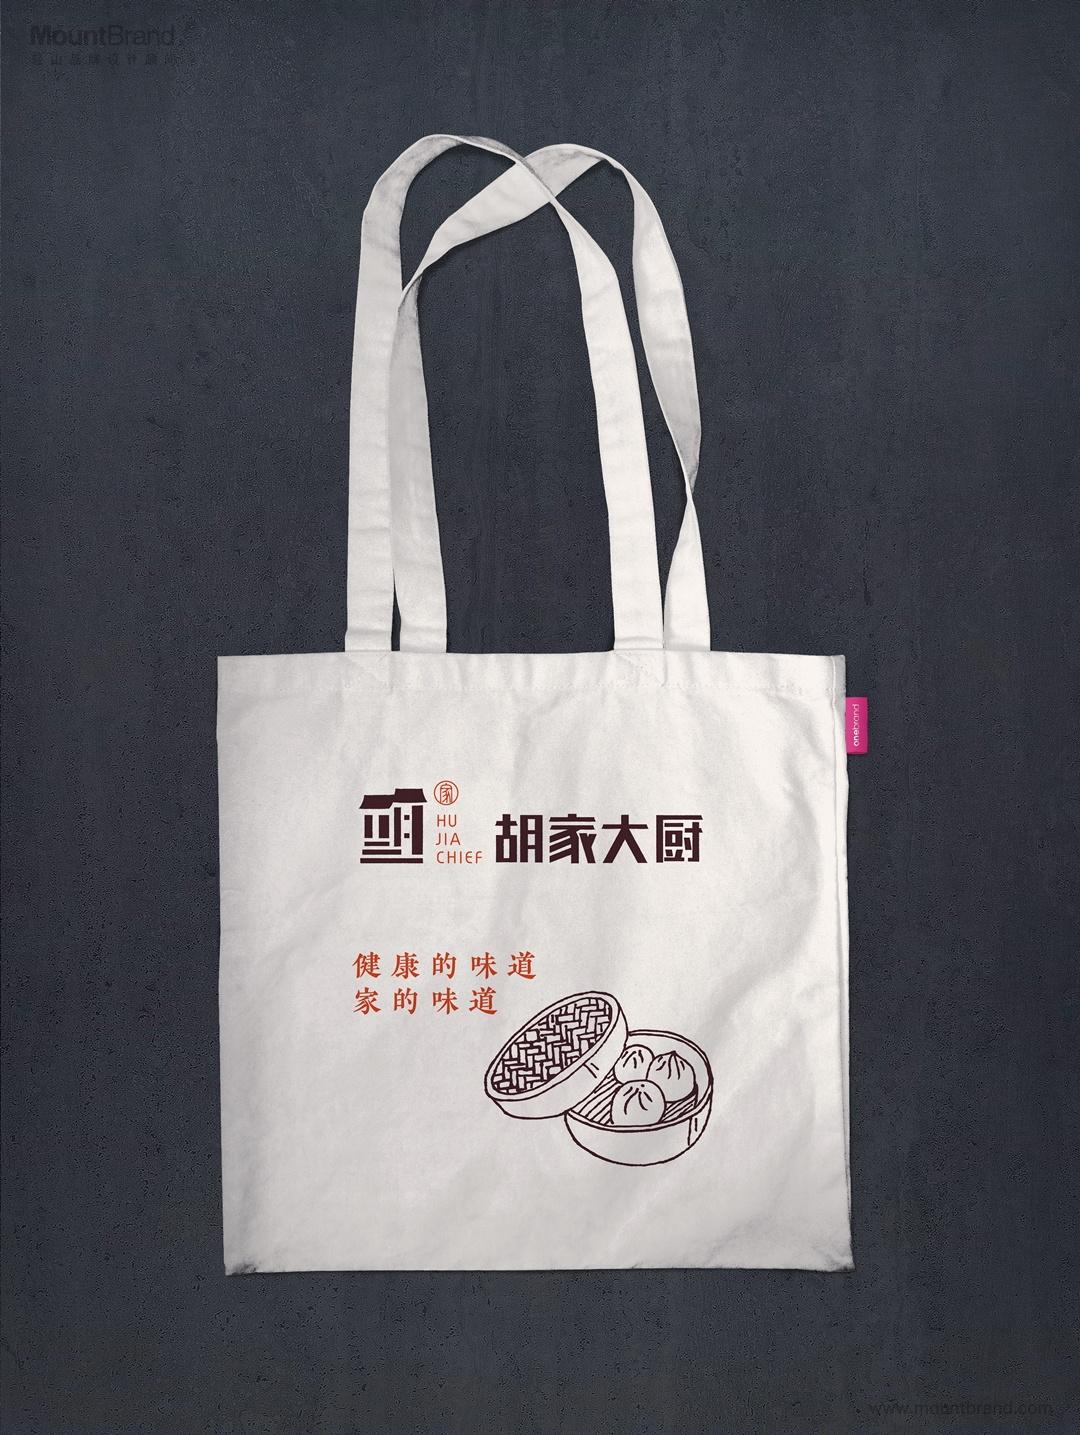 胡家大厨插图(10)